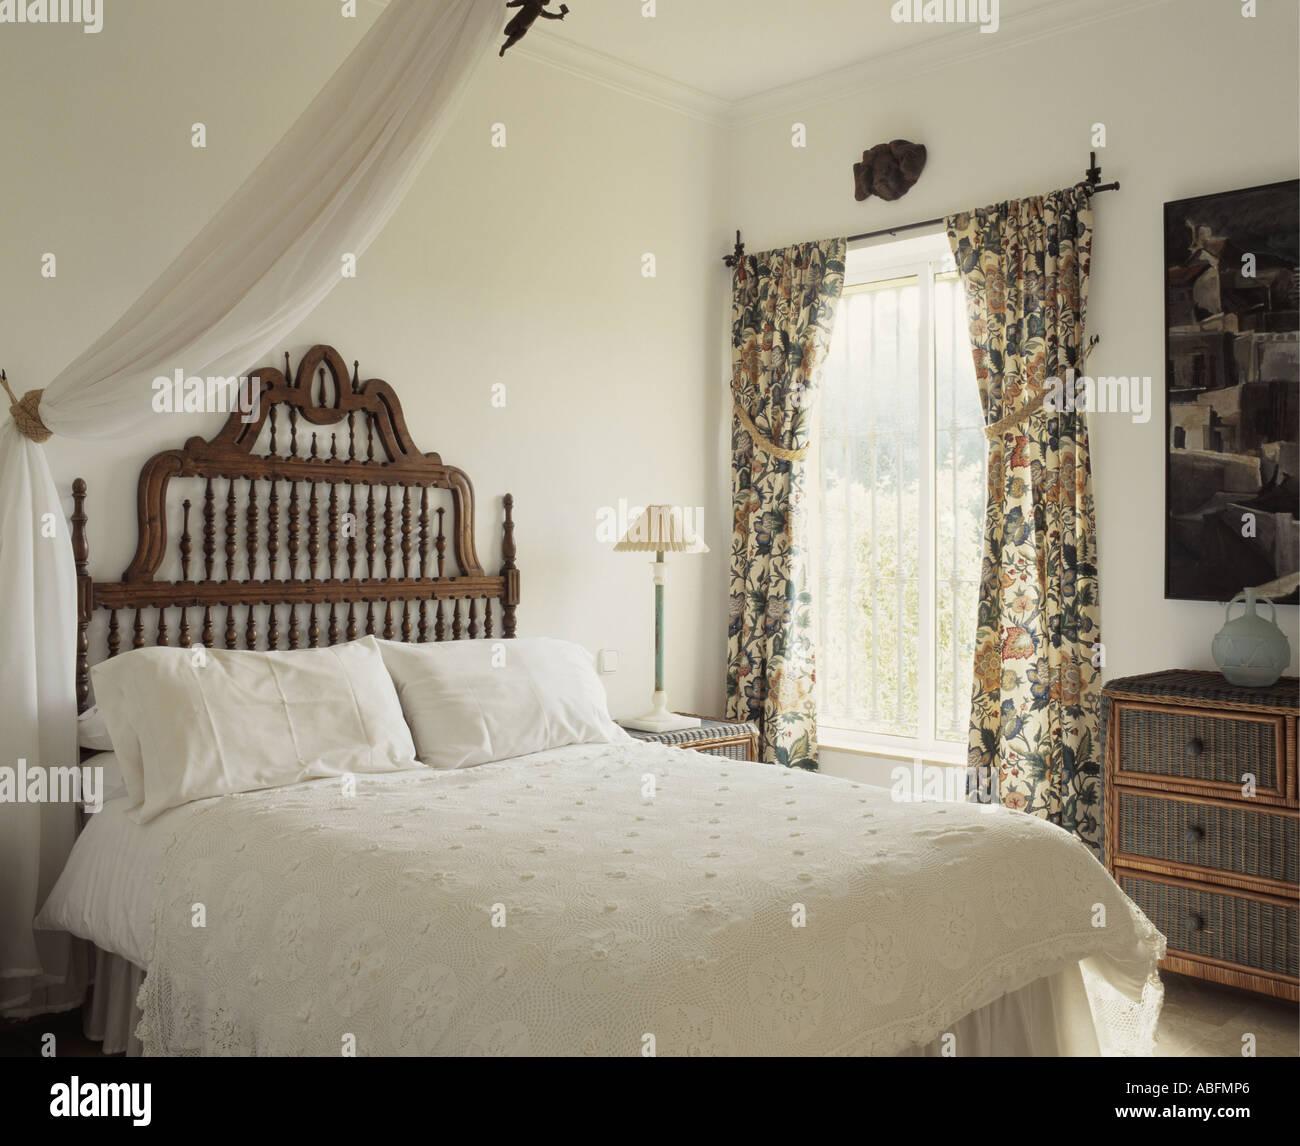 Weiße spanische Schlafzimmer Stockfoto, Bild: 7360101 - Alamy